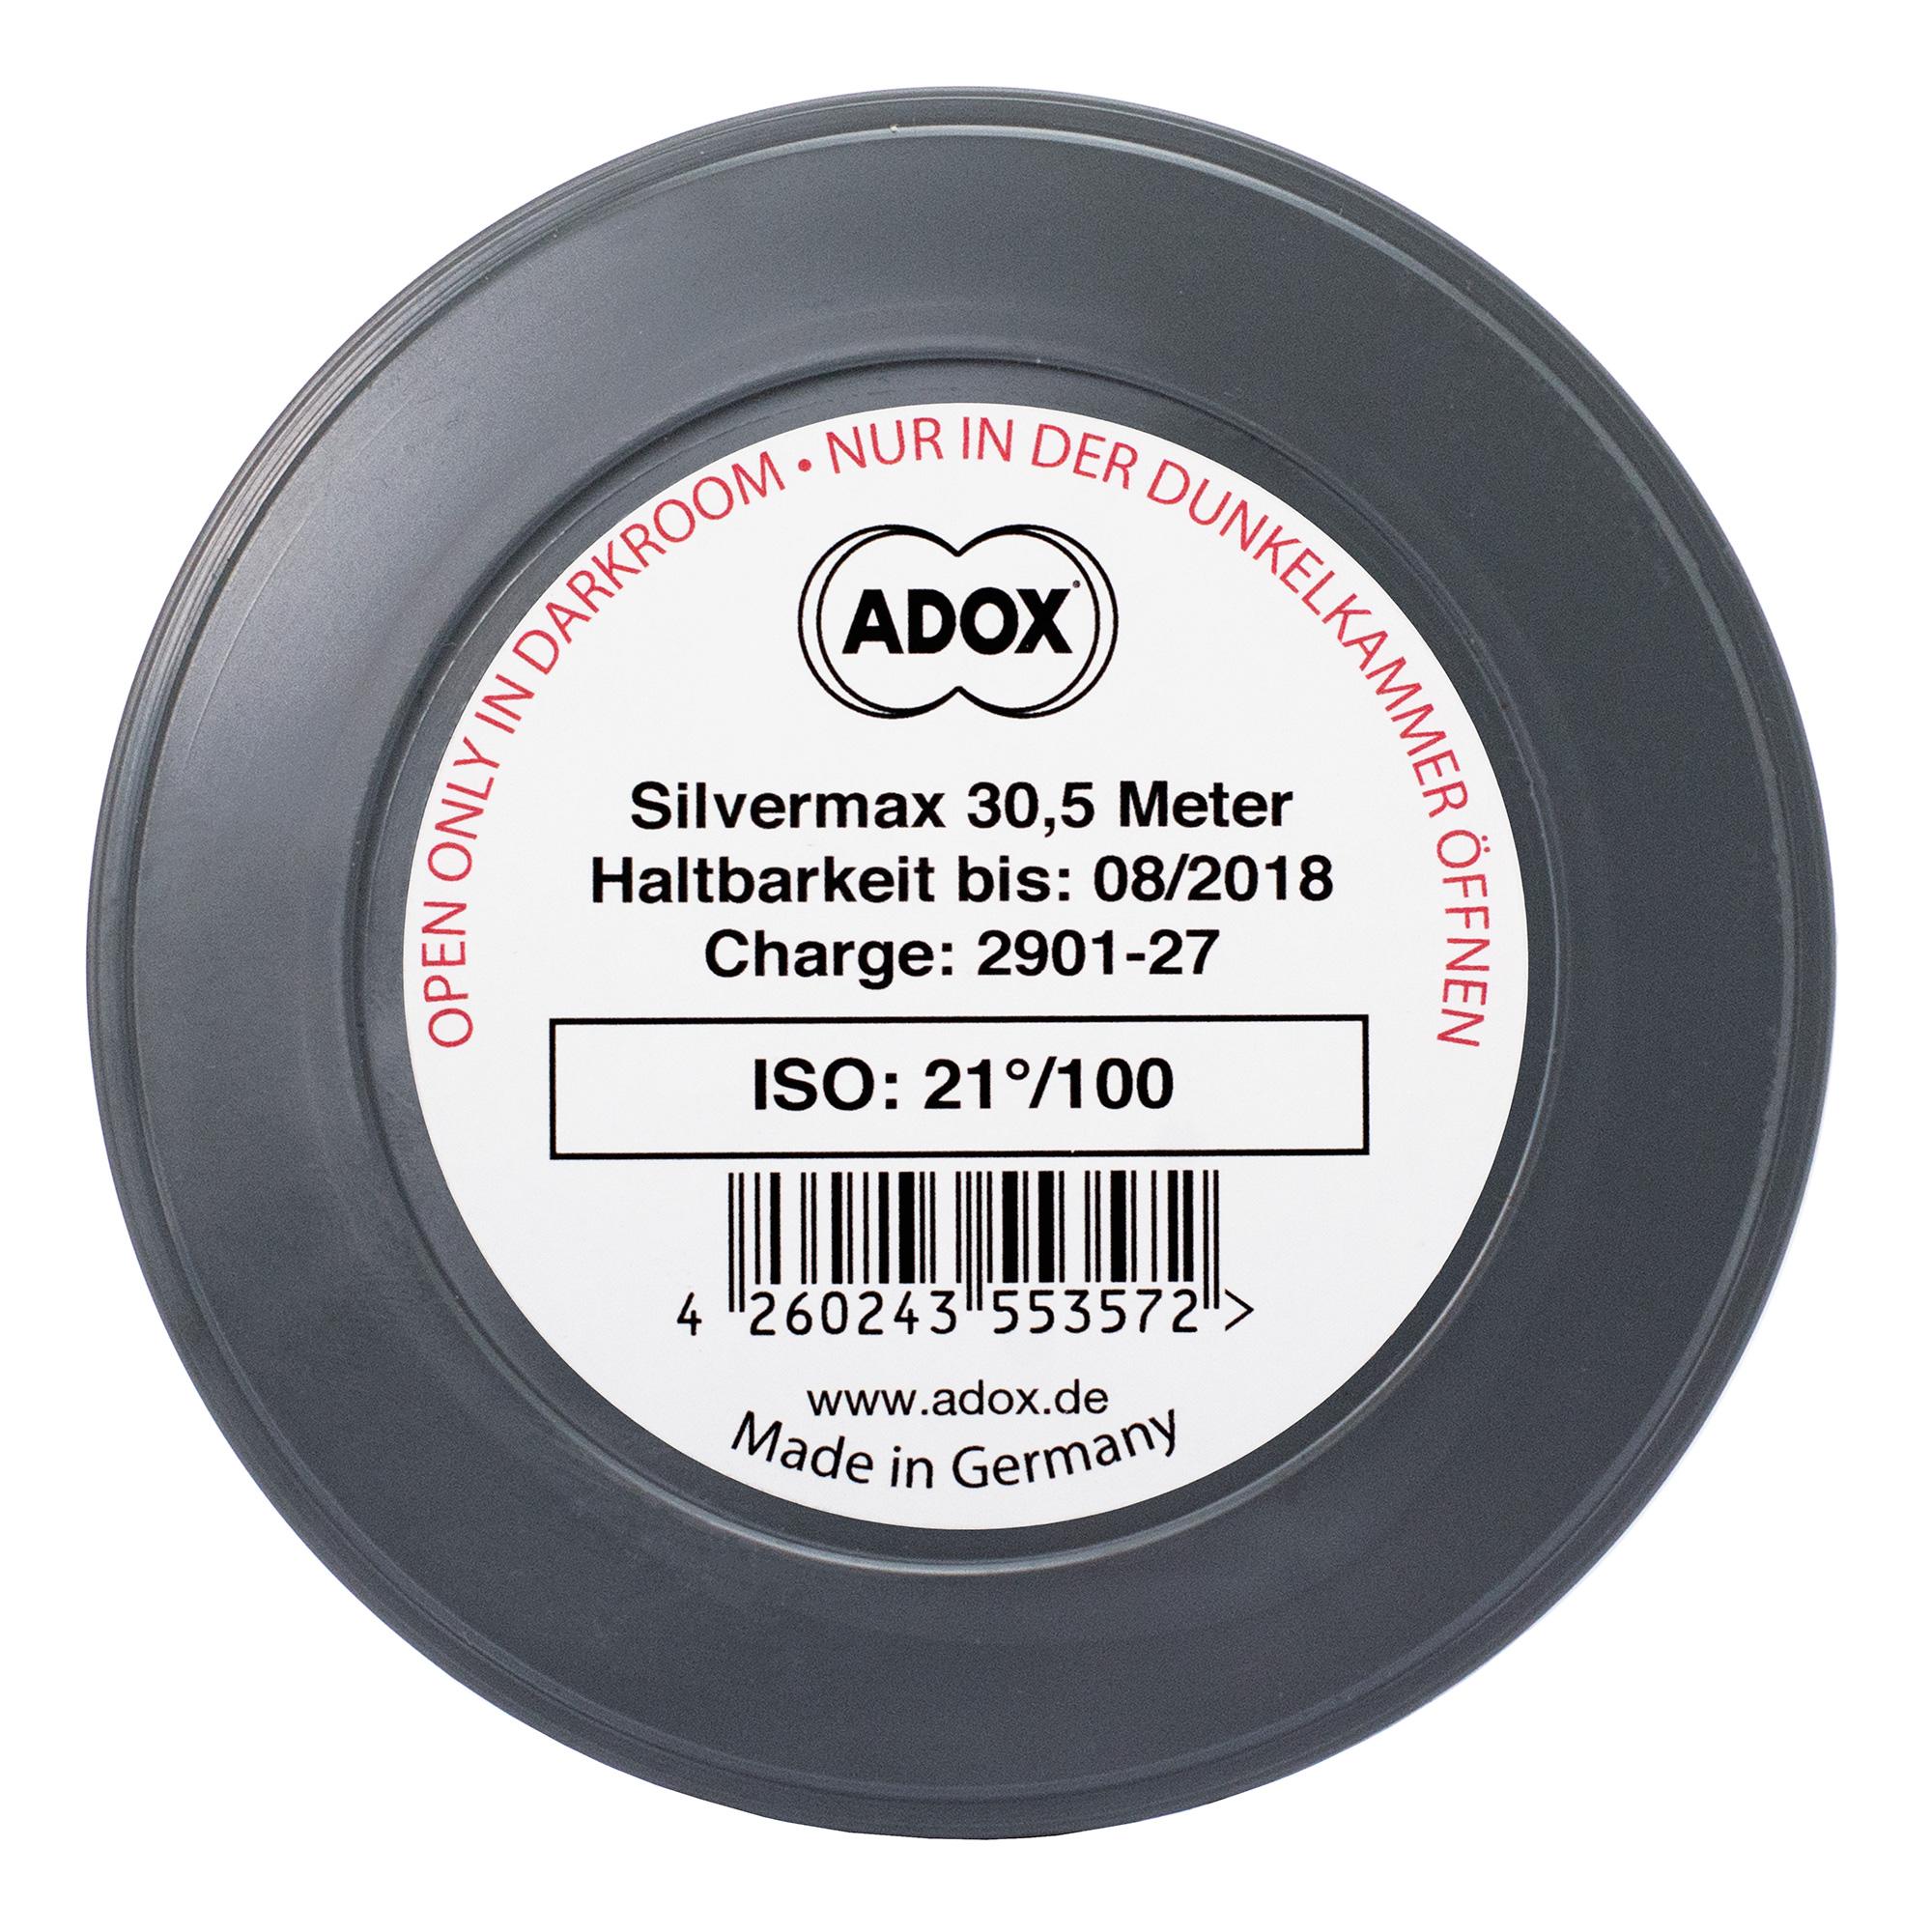 adox_silvermax_meterware